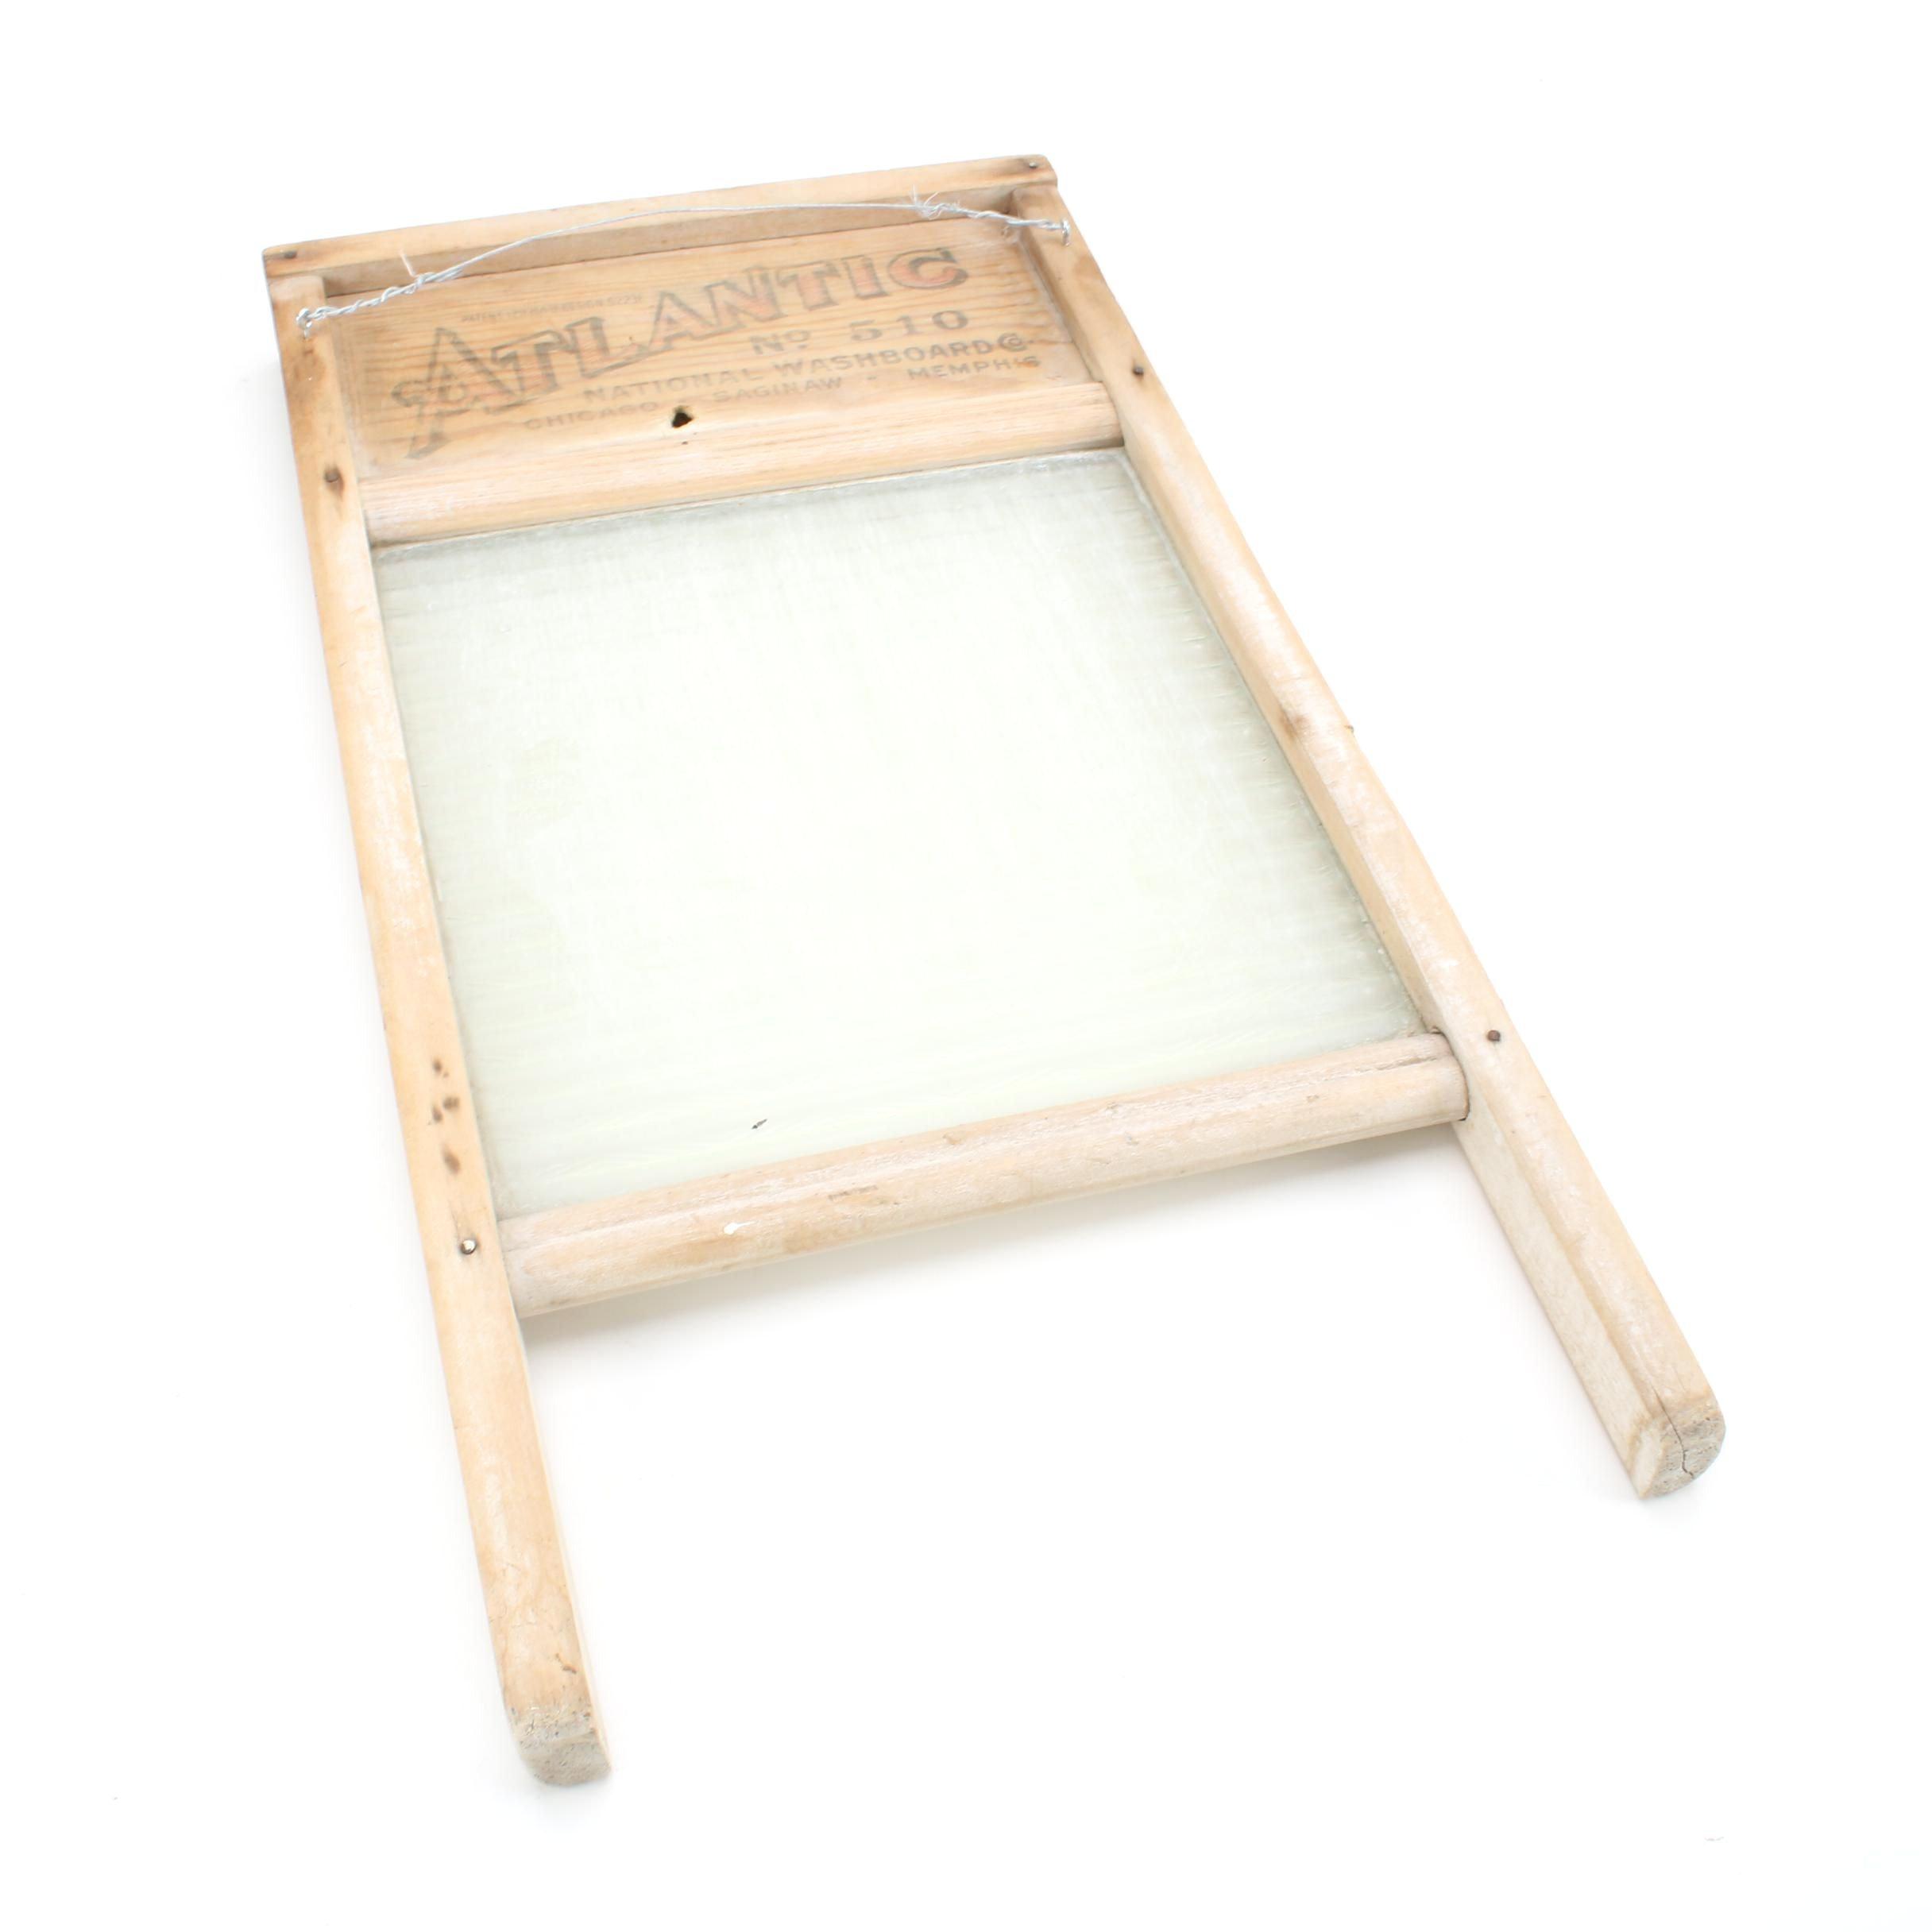 Atlantic Metal and Wood Washboard